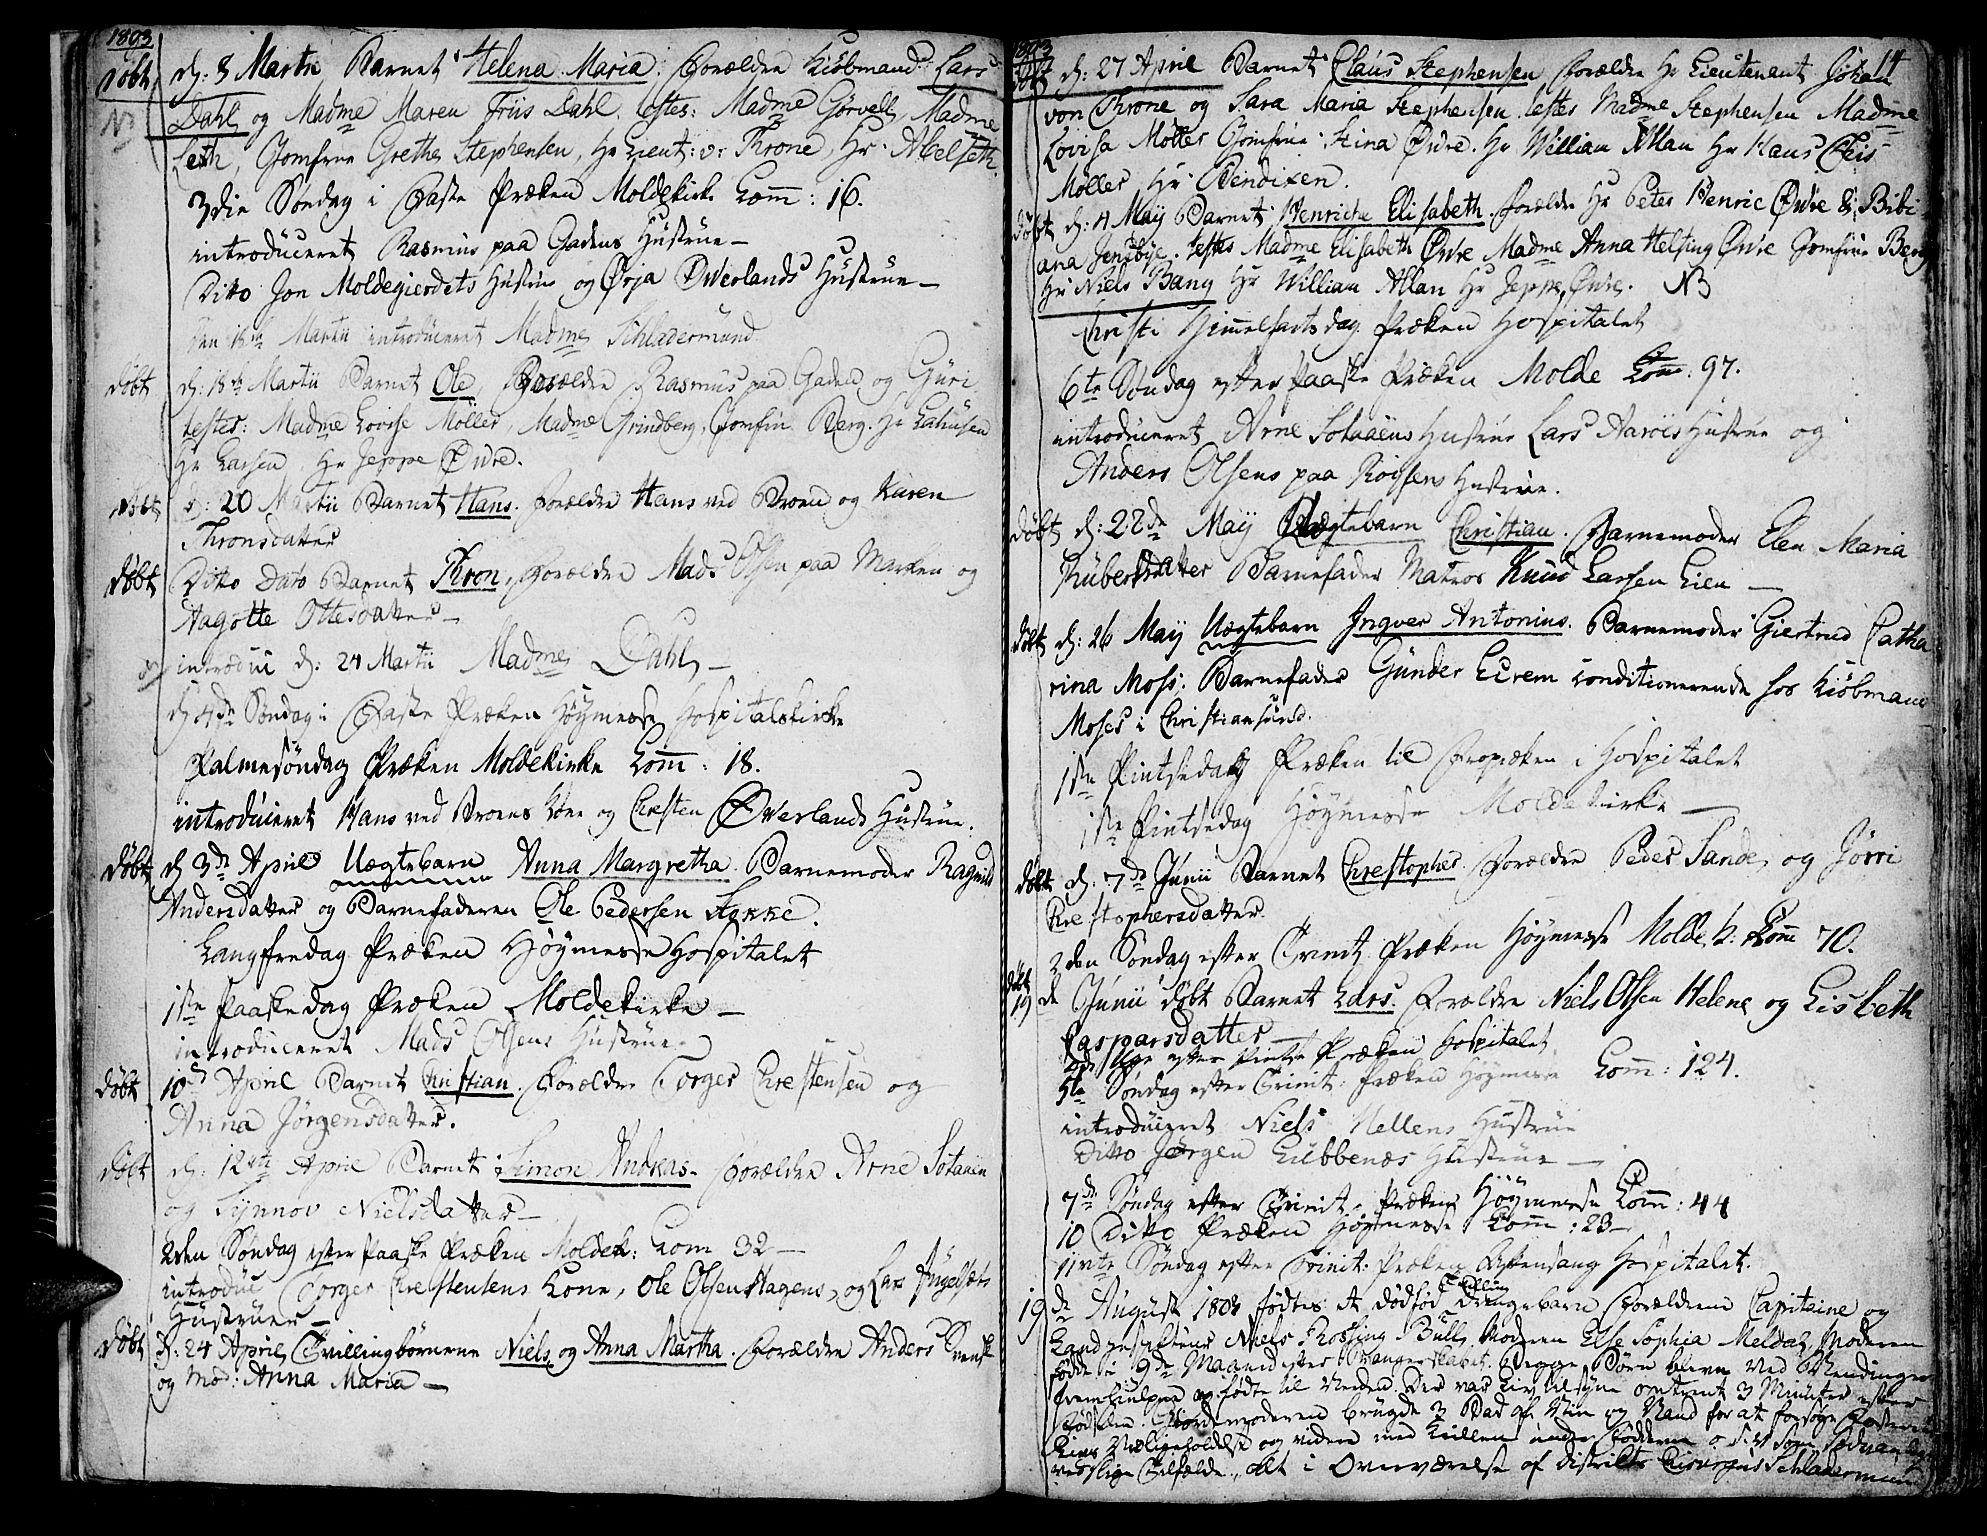 SAT, Ministerialprotokoller, klokkerbøker og fødselsregistre - Møre og Romsdal, 558/L0687: Ministerialbok nr. 558A01, 1798-1818, s. 14